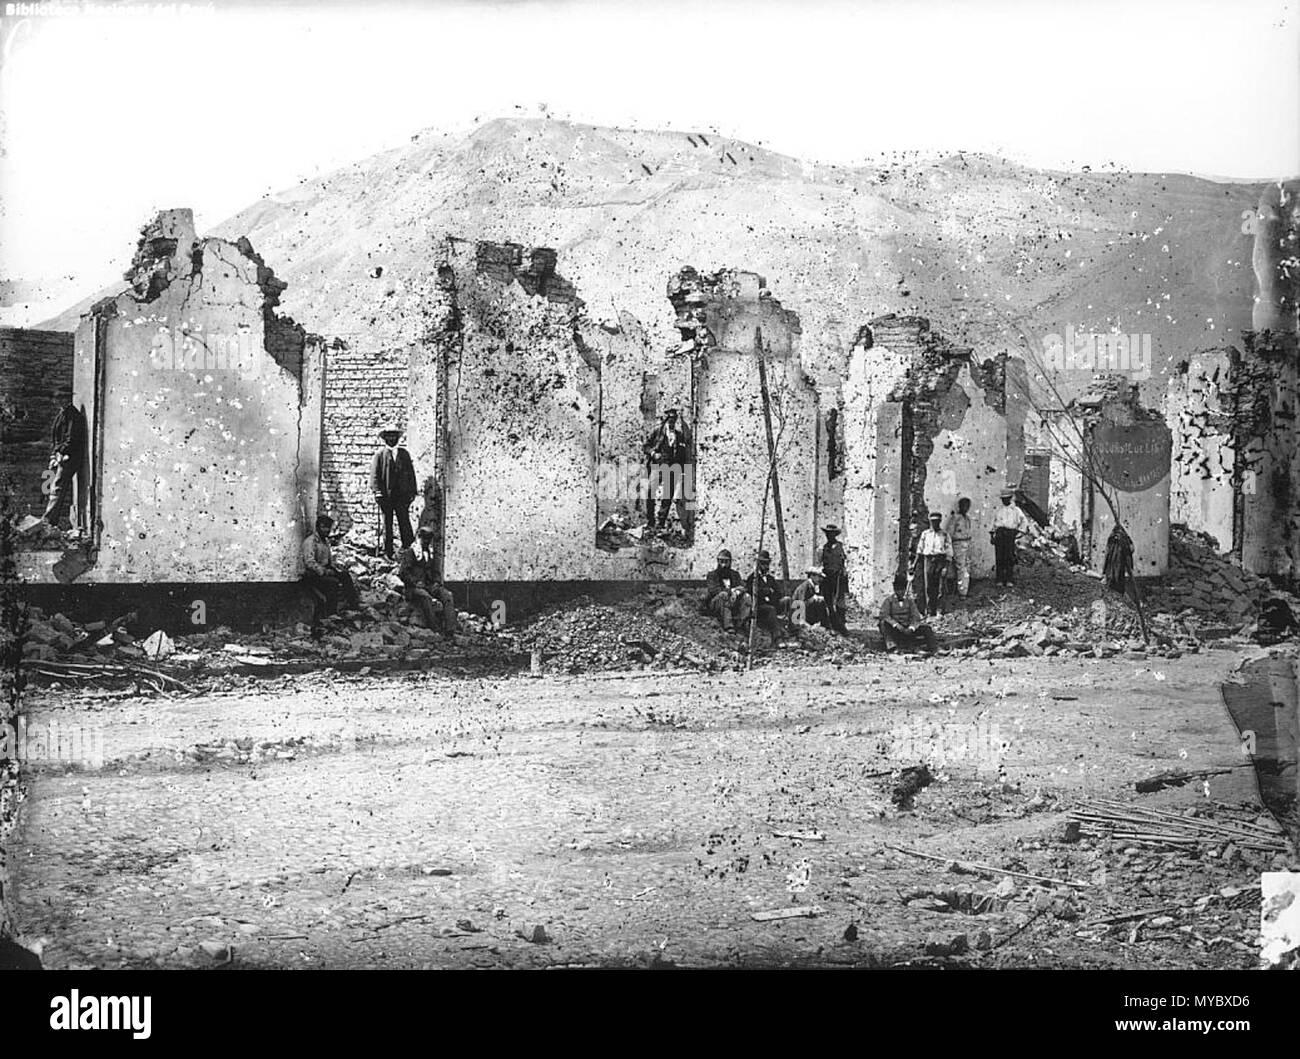 . Chorrilos (Destruido por los Chilenos). Vista de los efectos de la invasión chilena en el pueblo deChorrillos, luego de la derrota de las Fuerzas peruanas en la batalla de San Juan (1881). Ejemplar en positivo en F/985.061/CH Y76/1 CU:2/31A. http://courret.perucultural.org.pe/muestraimagen.asp?imagen=09F0108&nitem=1&tipoimagen=V&numid=88344812 . Chorrilos 1881. Eugéne Courret 110 Chorrilos Courret 1881 Immagini Stock